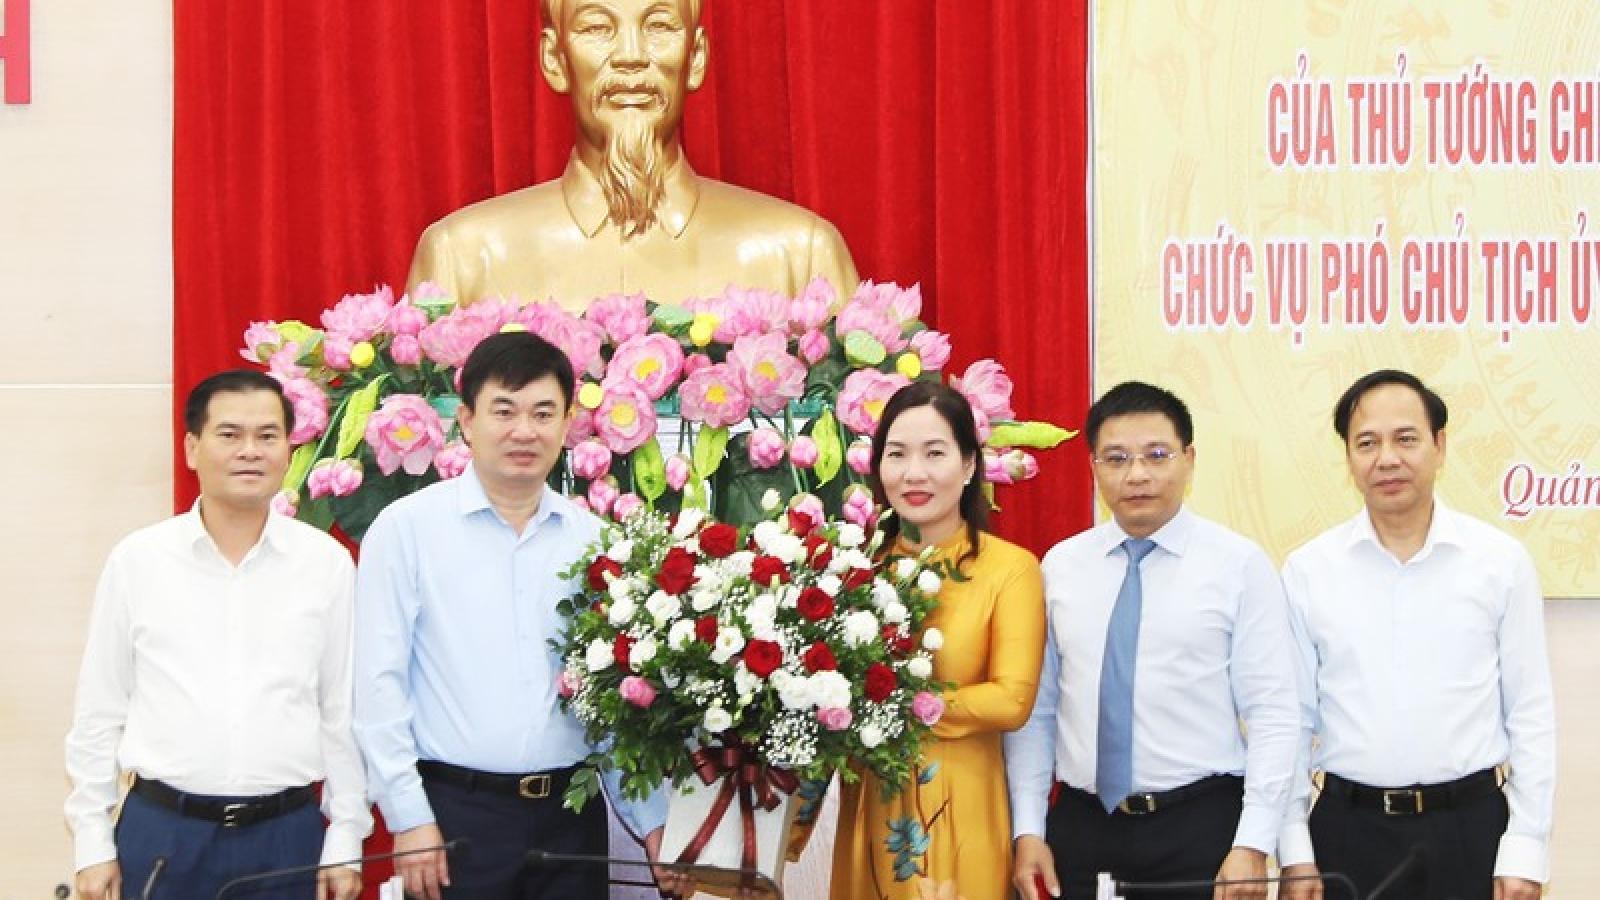 Công bố quyết định bổ nhiệm Phó Chủ tịch UBND tỉnh Quảng Ninh